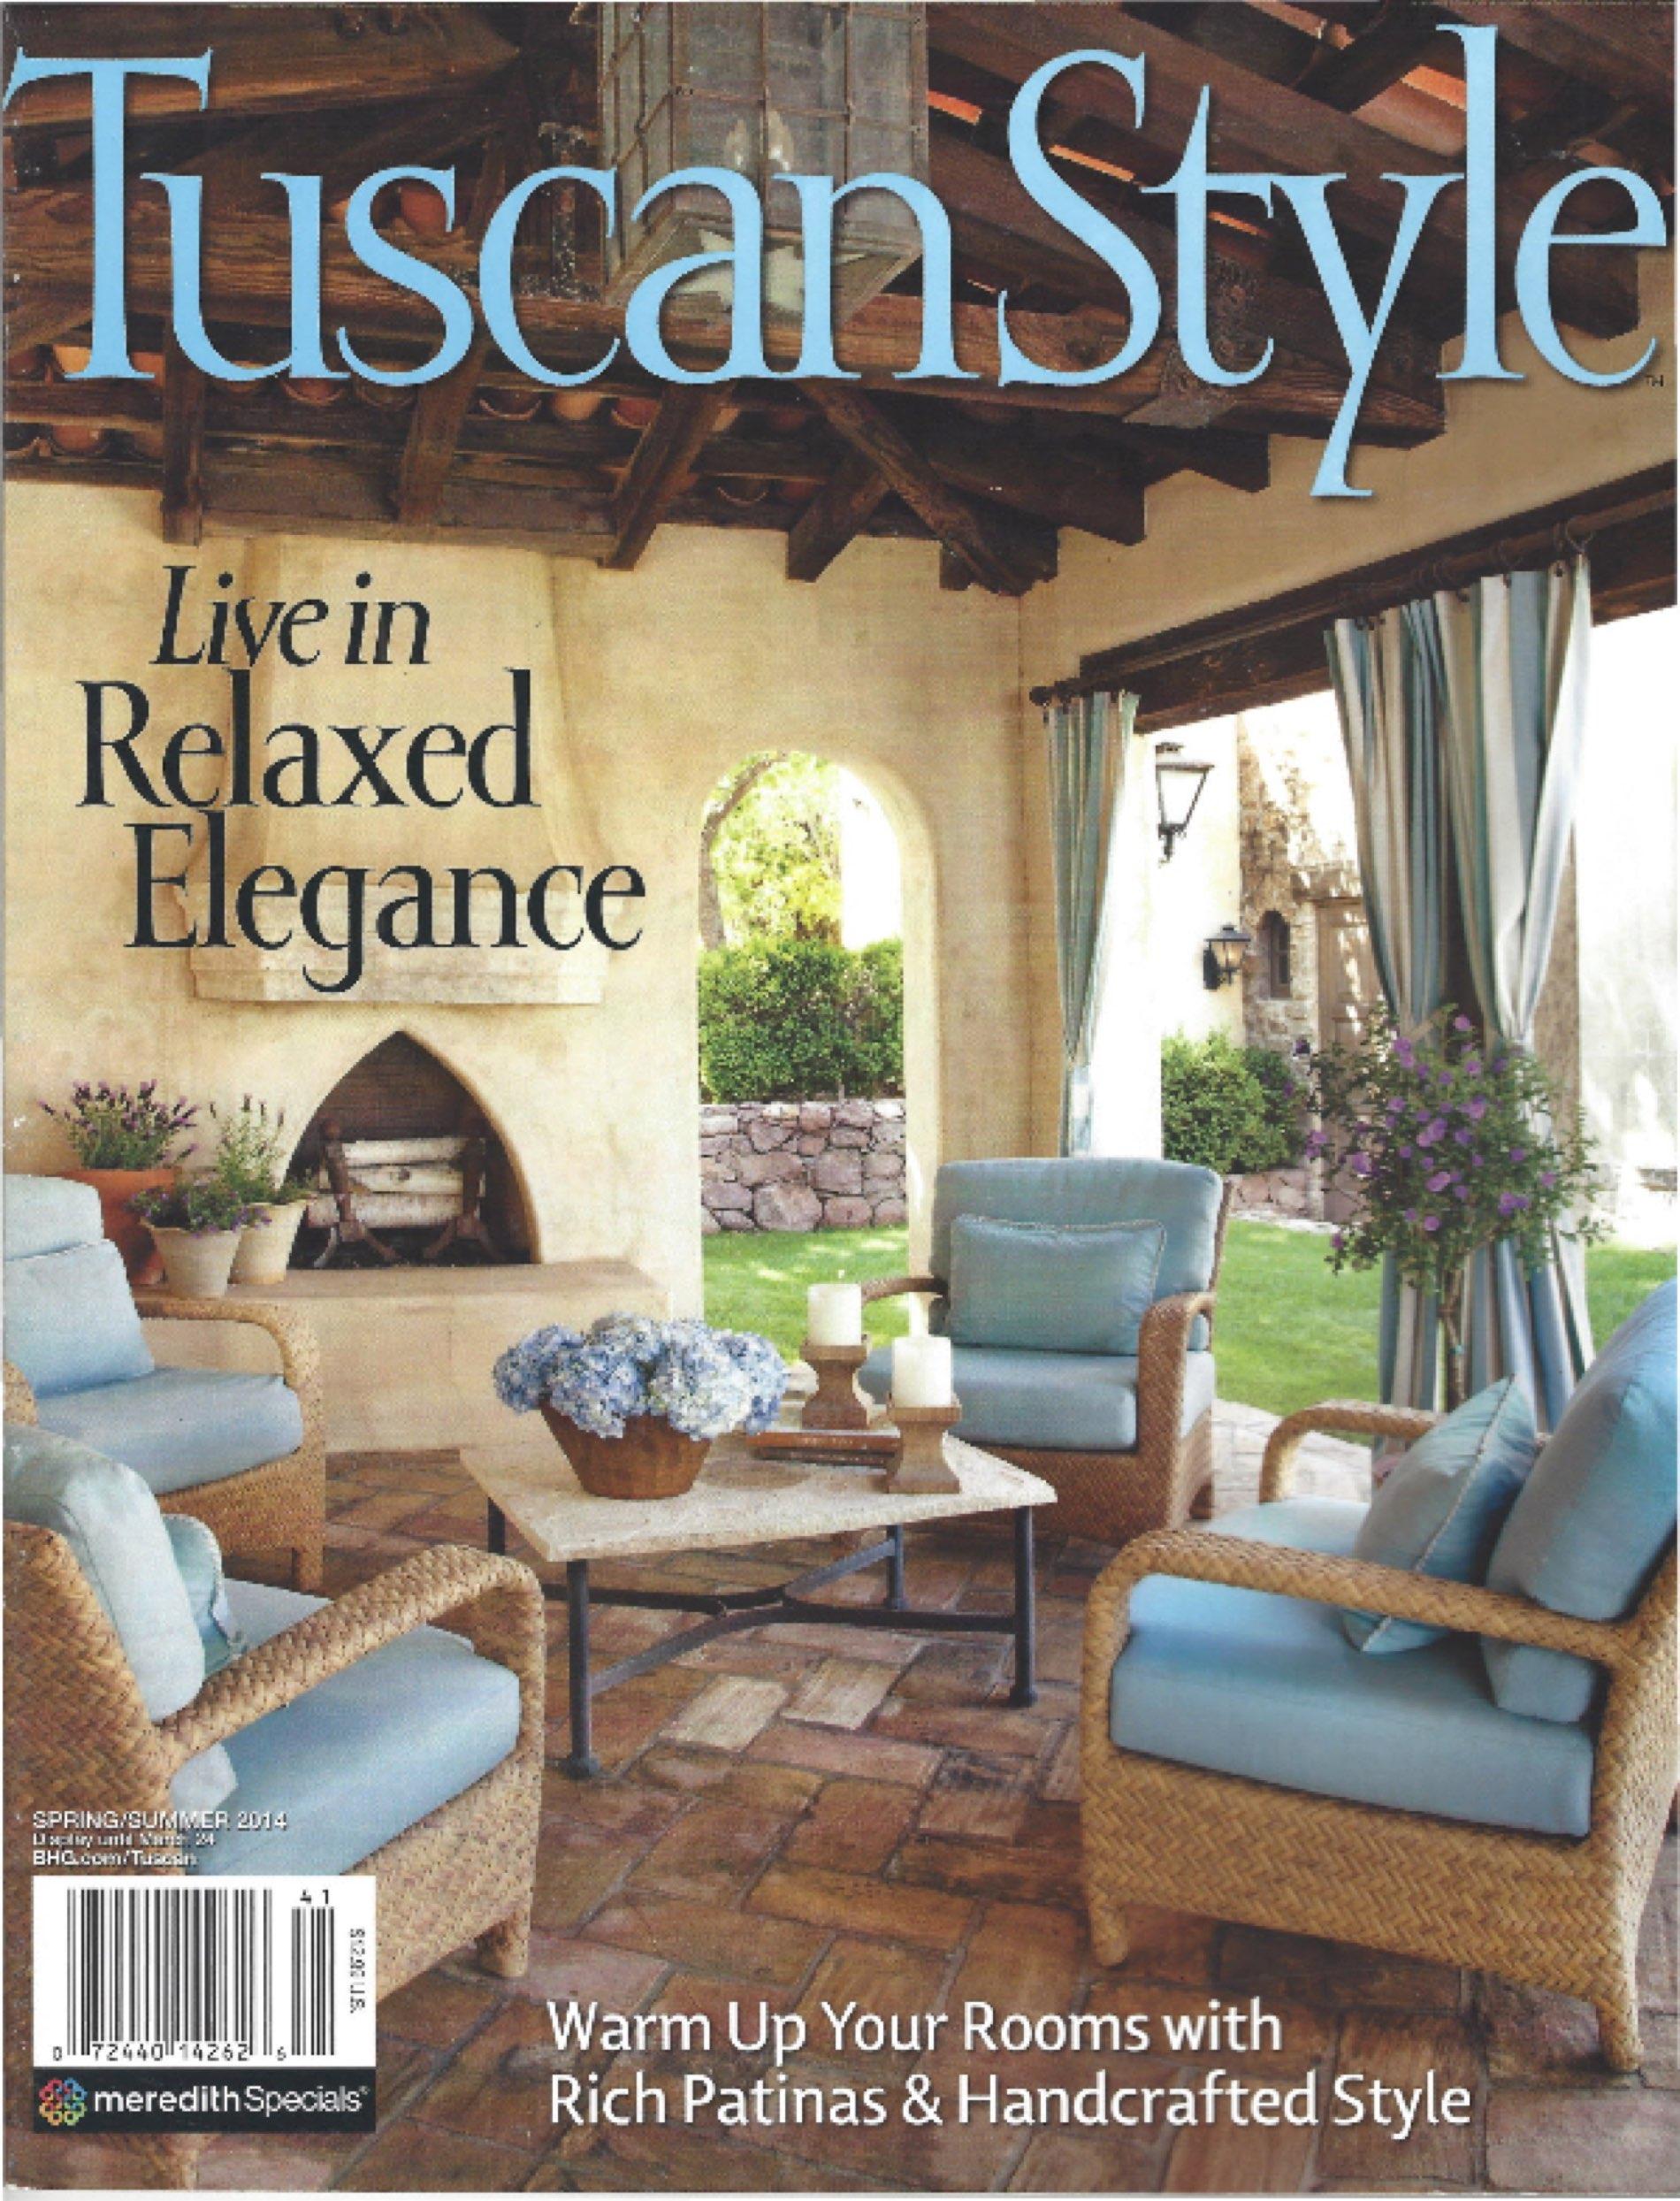 Tuscan Style Cover Eklektik Interiors Houston Texas